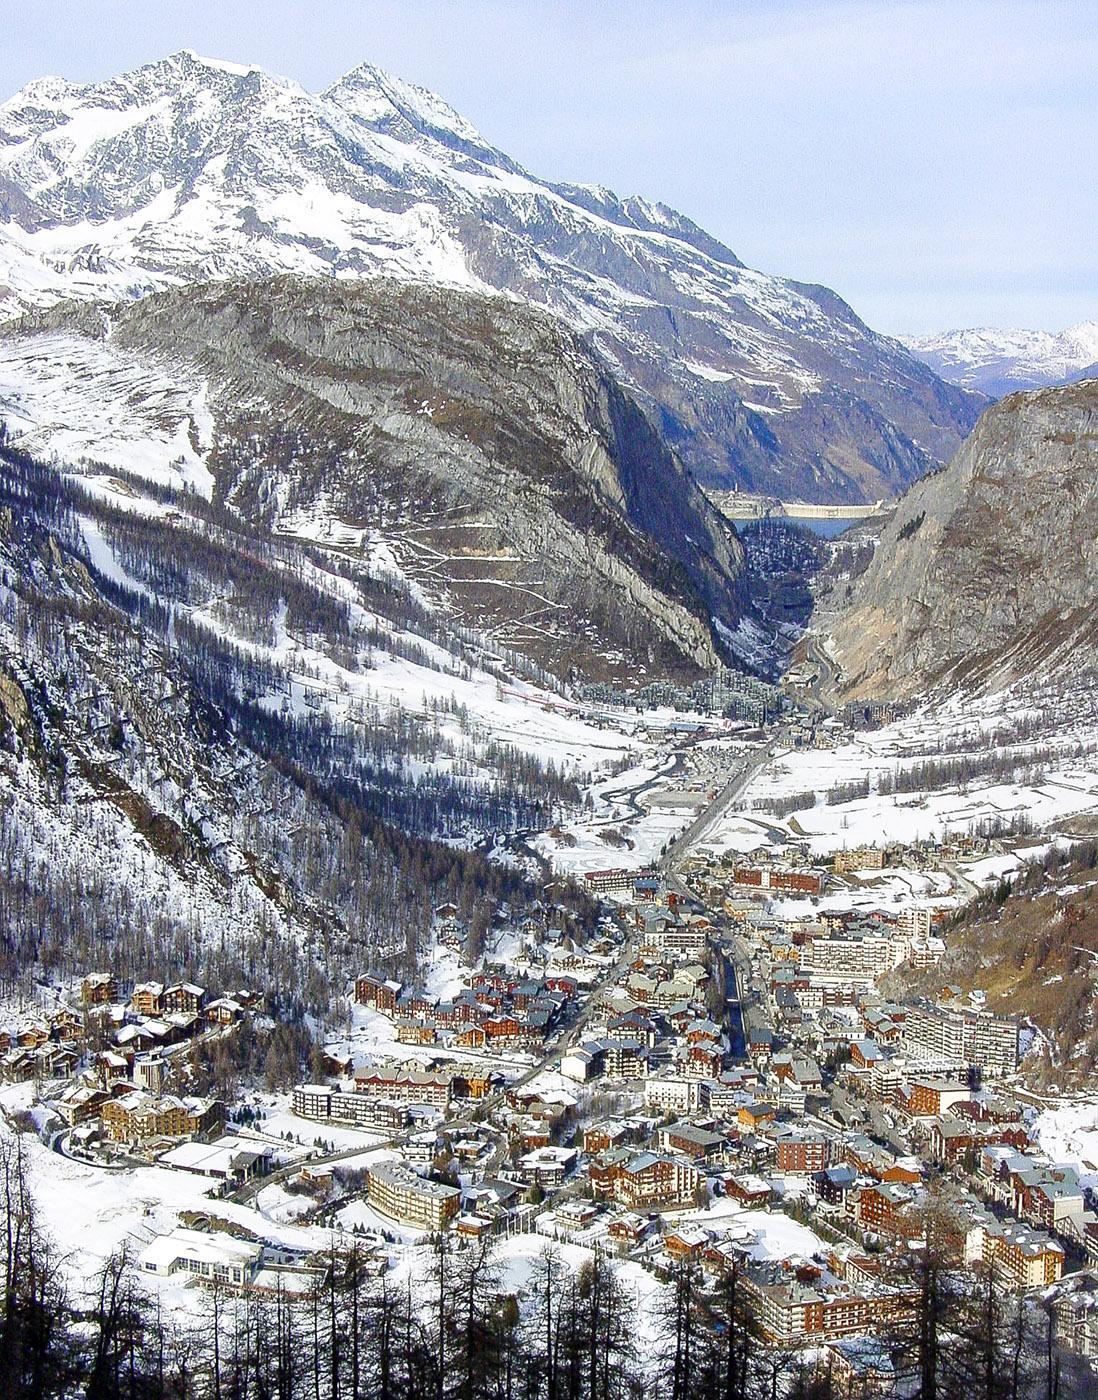 Blick vom Skigebiet Solaise auf den Ort Val d'Isère im Tal. Foto: Hilke Maunder